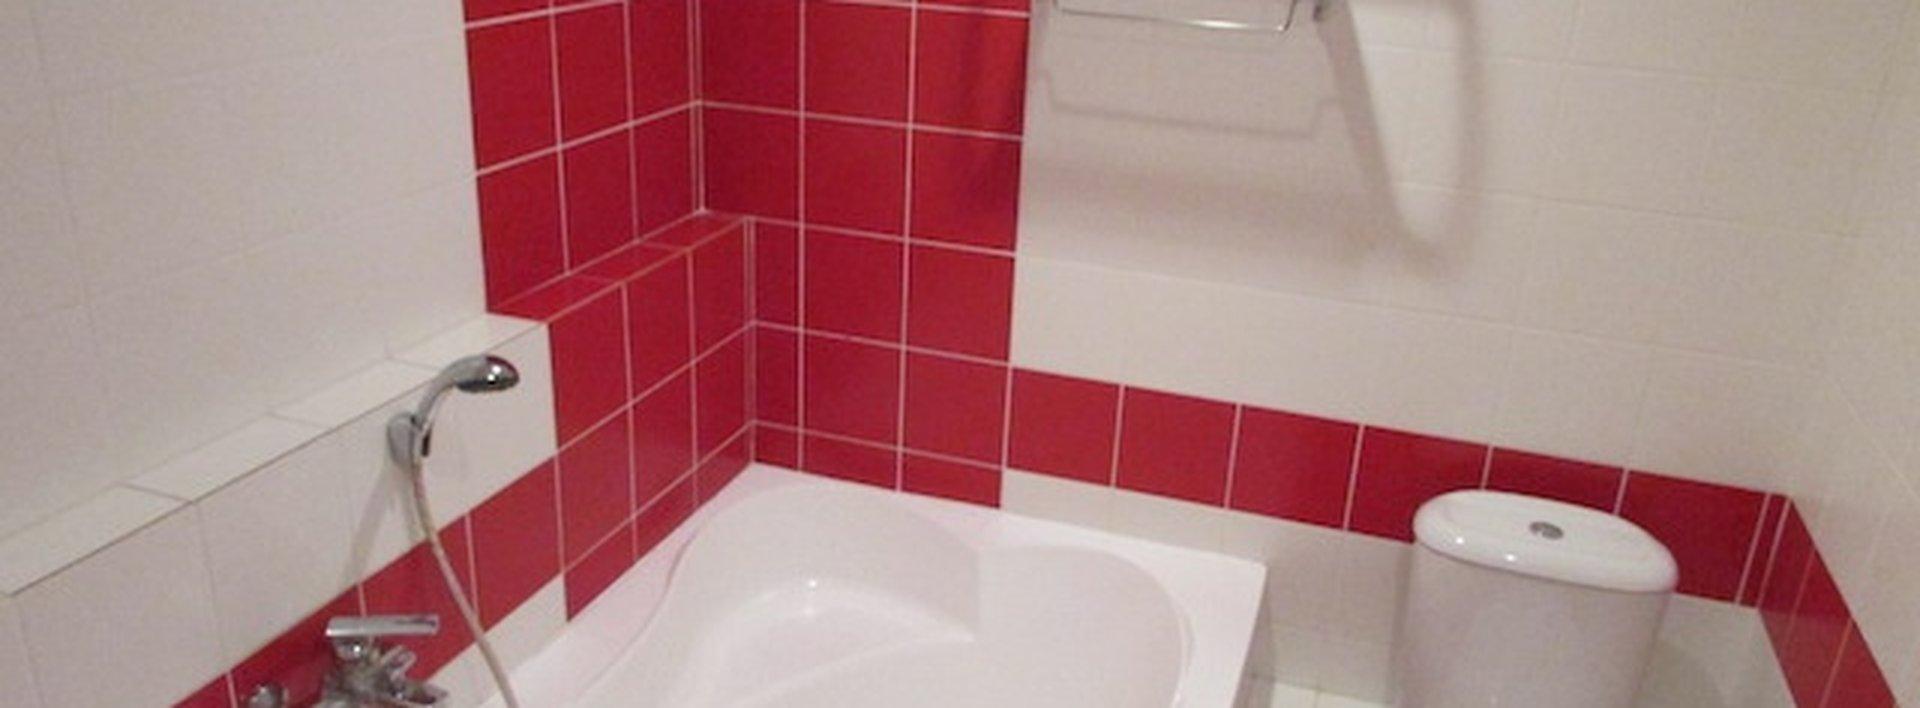 Pronájem bytu 2+KK, 41 m2 s lodžií v domě se zahradou v Liberci, Ev.č.: N47749